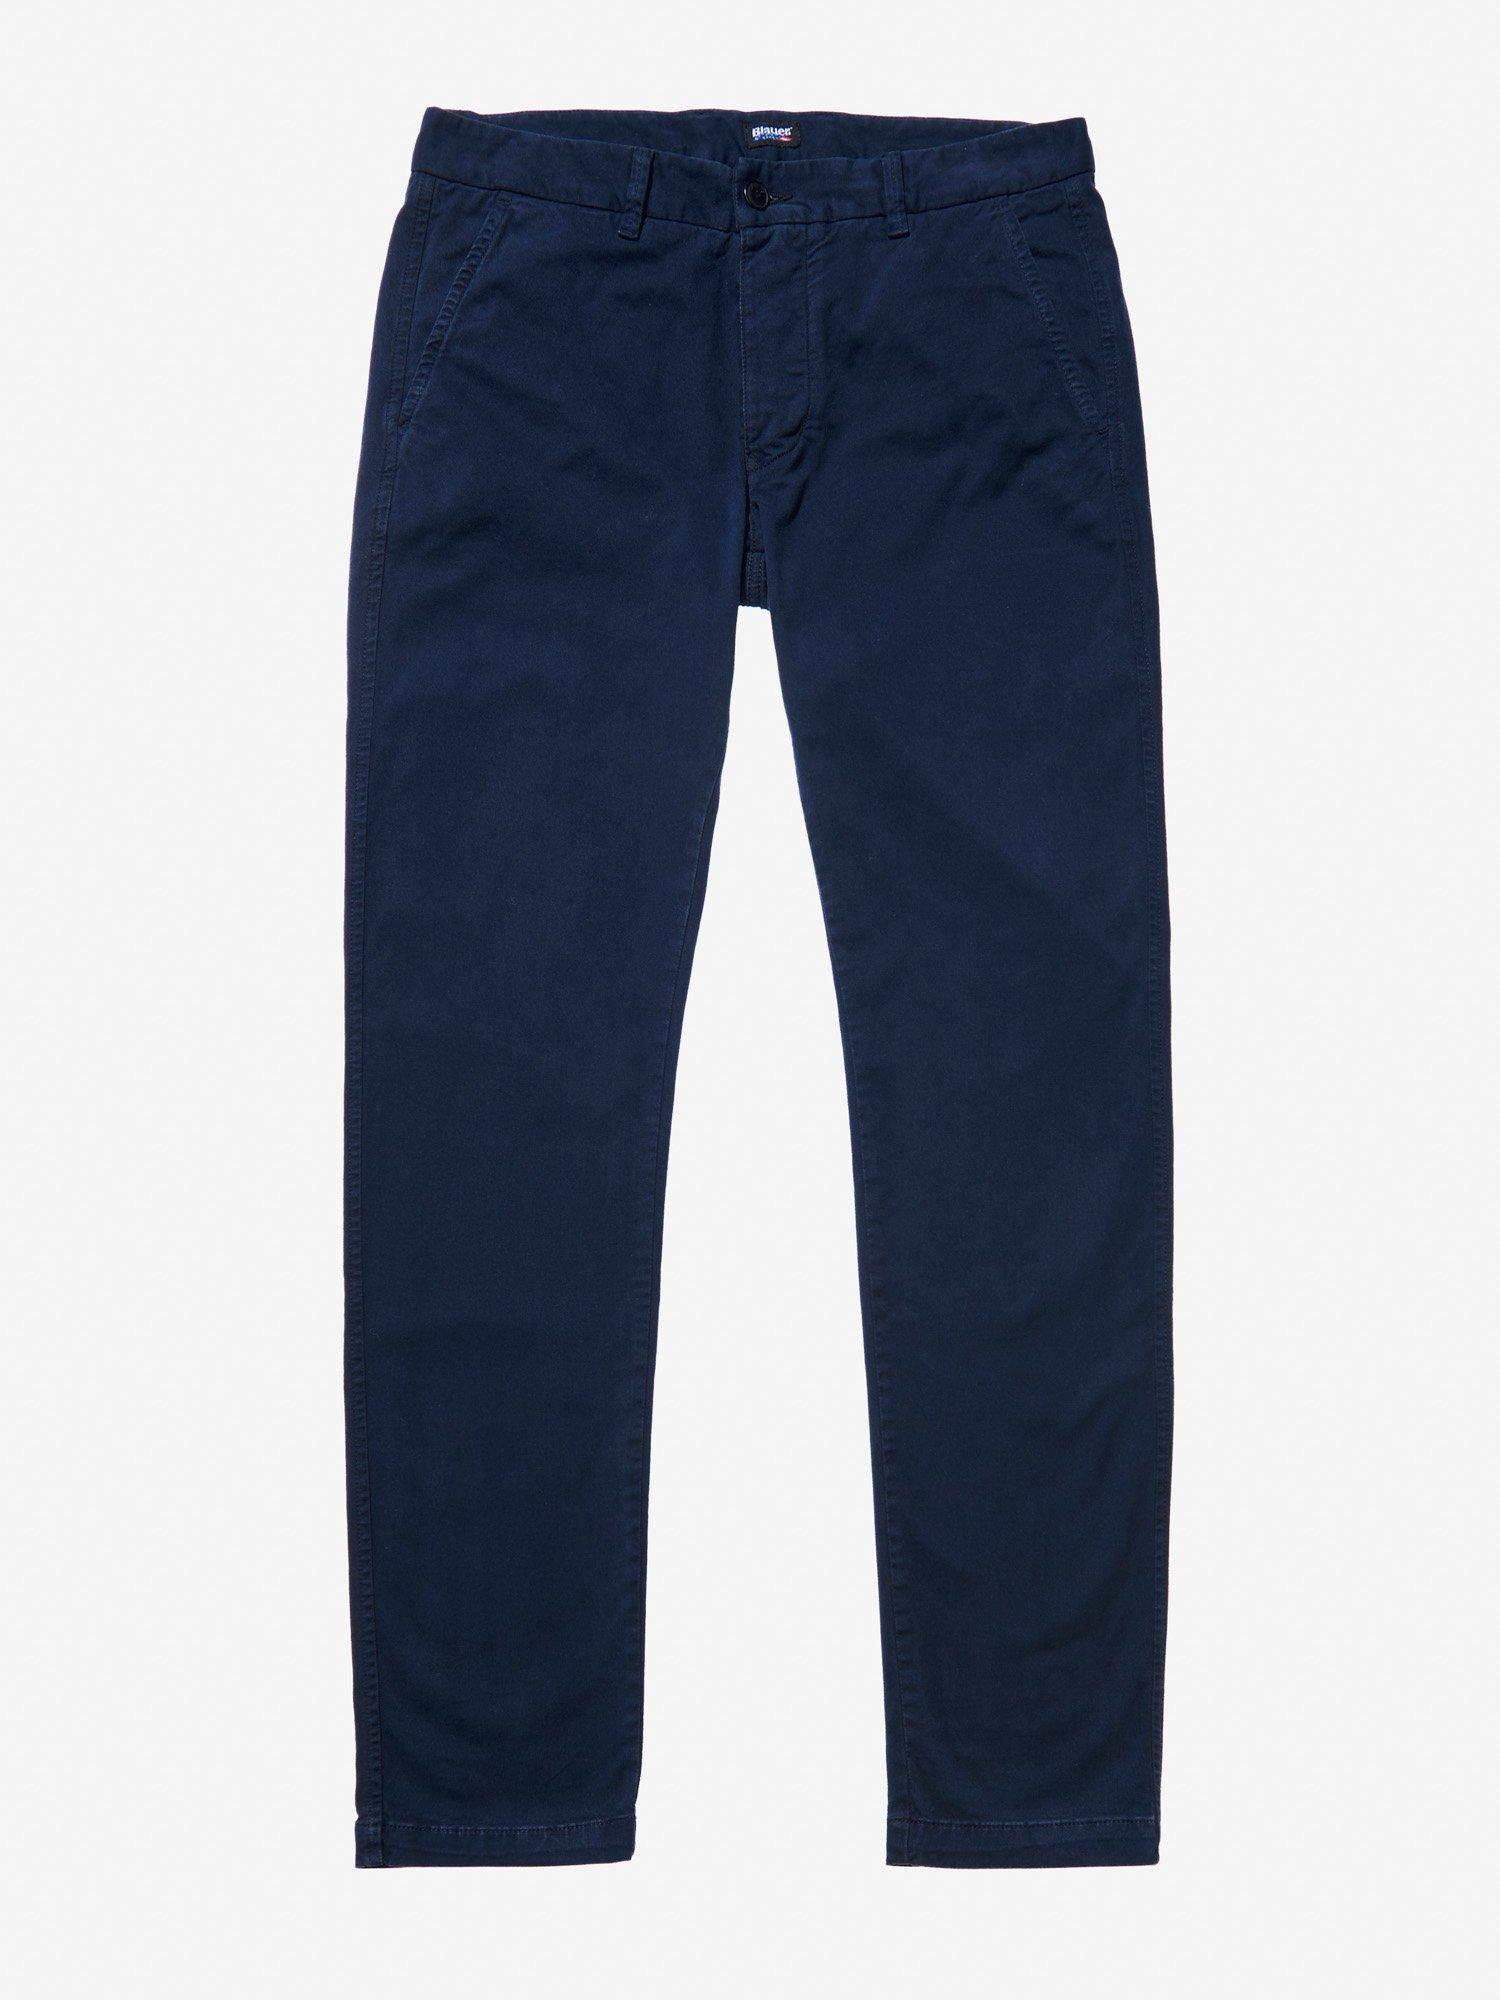 GABARDINE CHINO PANTS - Blauer